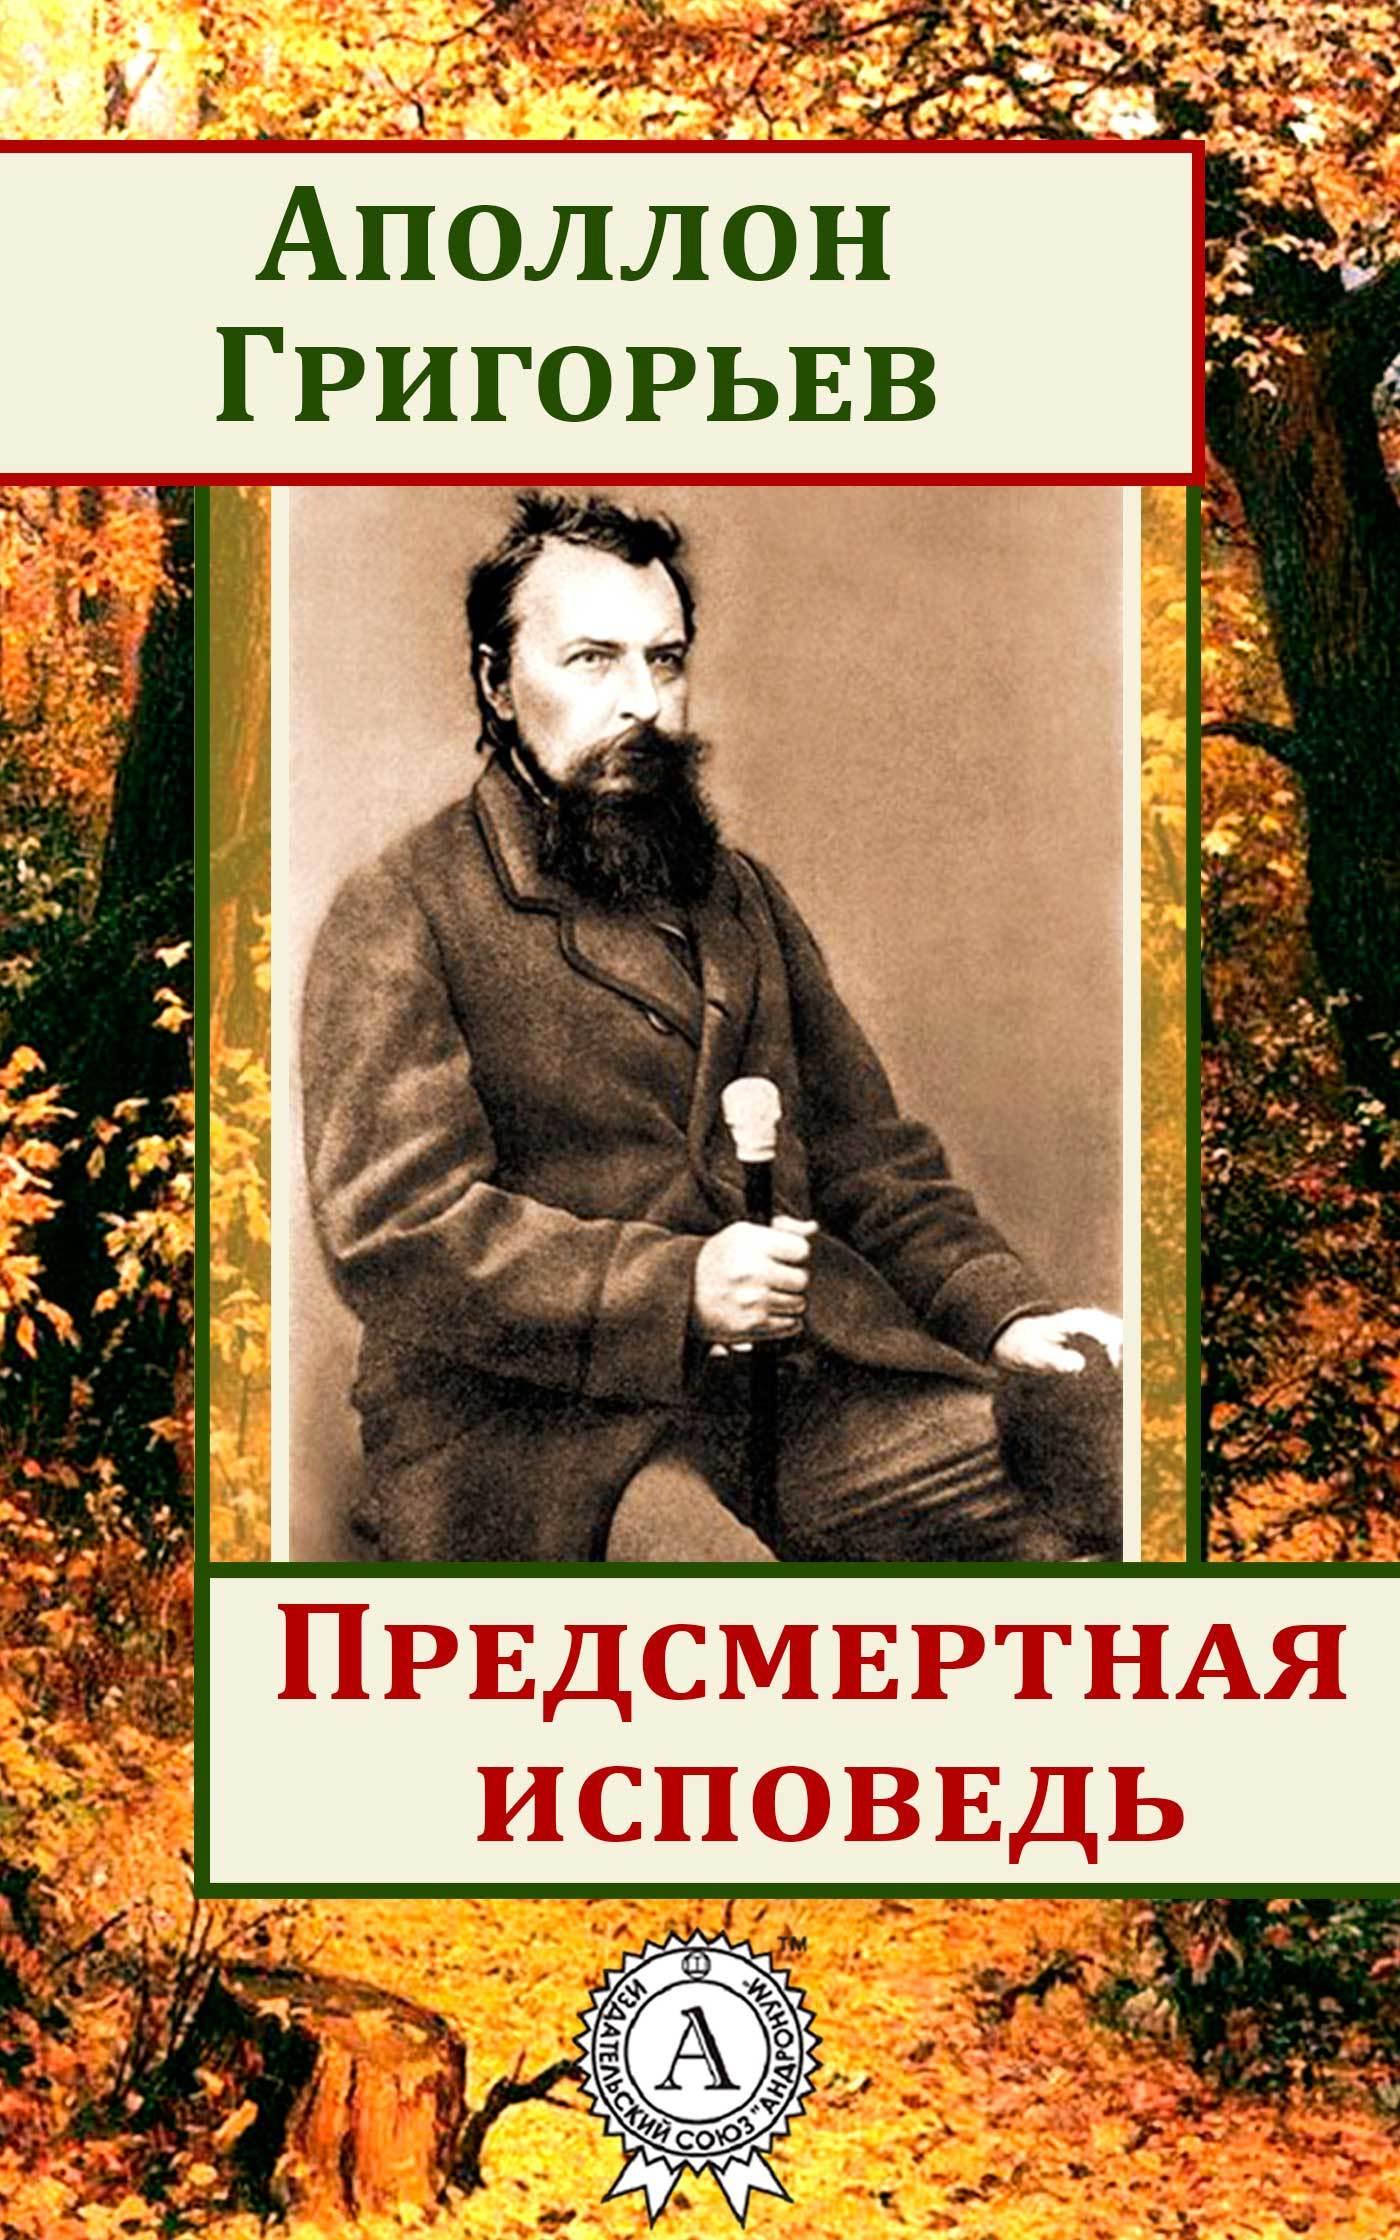 бесплатно скачать Аполлон Александрович Григорьев интересная книга